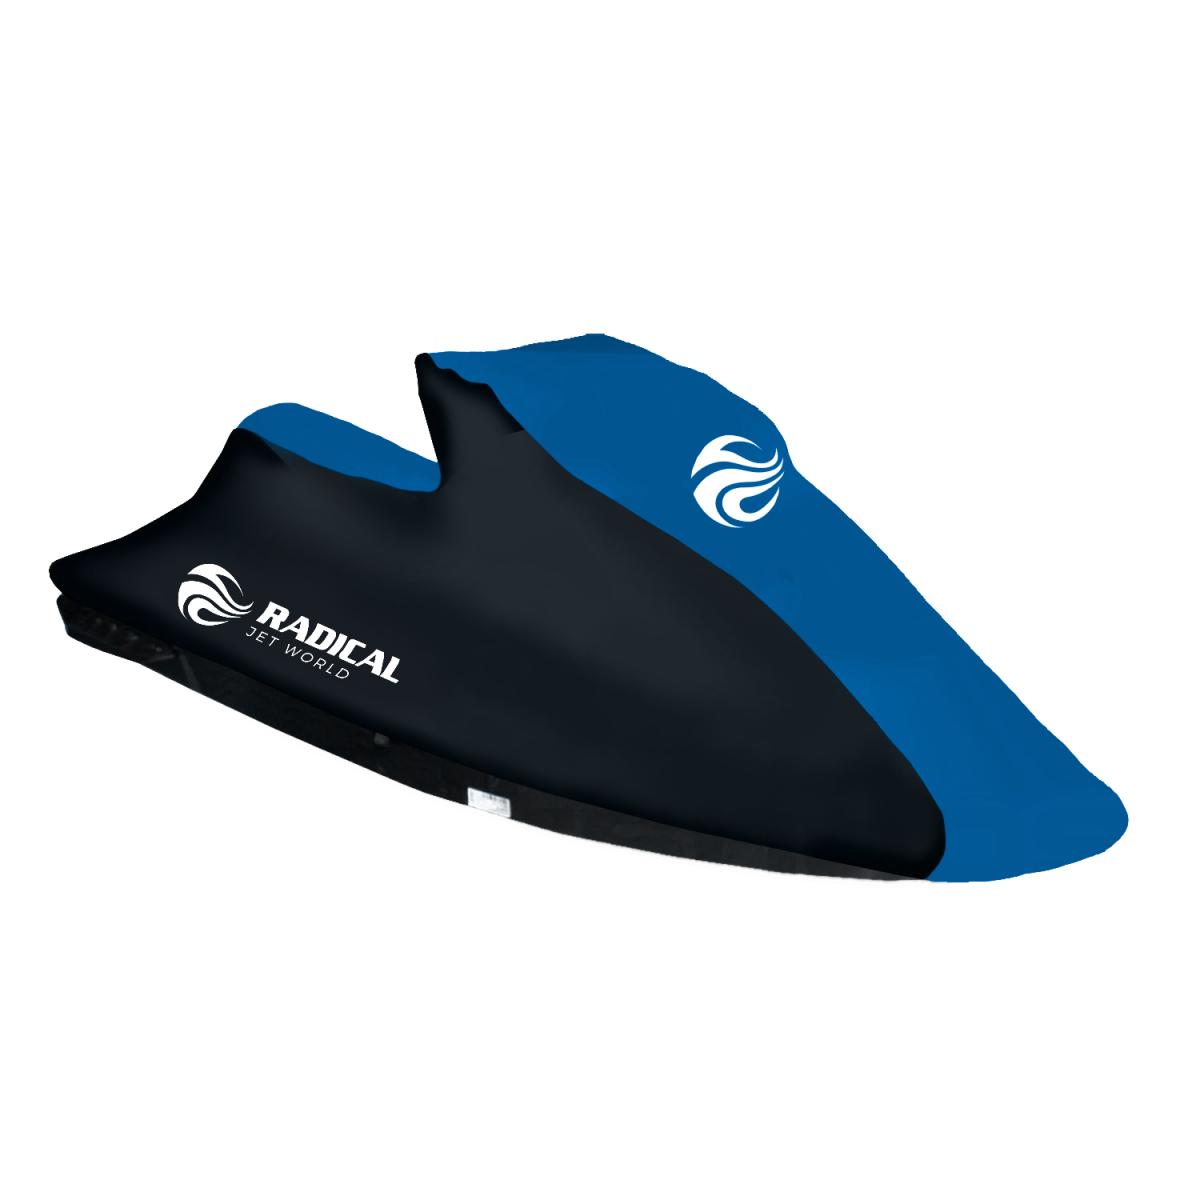 Capa para Jet Ski Exclusiva Radical Jet World  - Radical Peças - Peças para Jet Ski